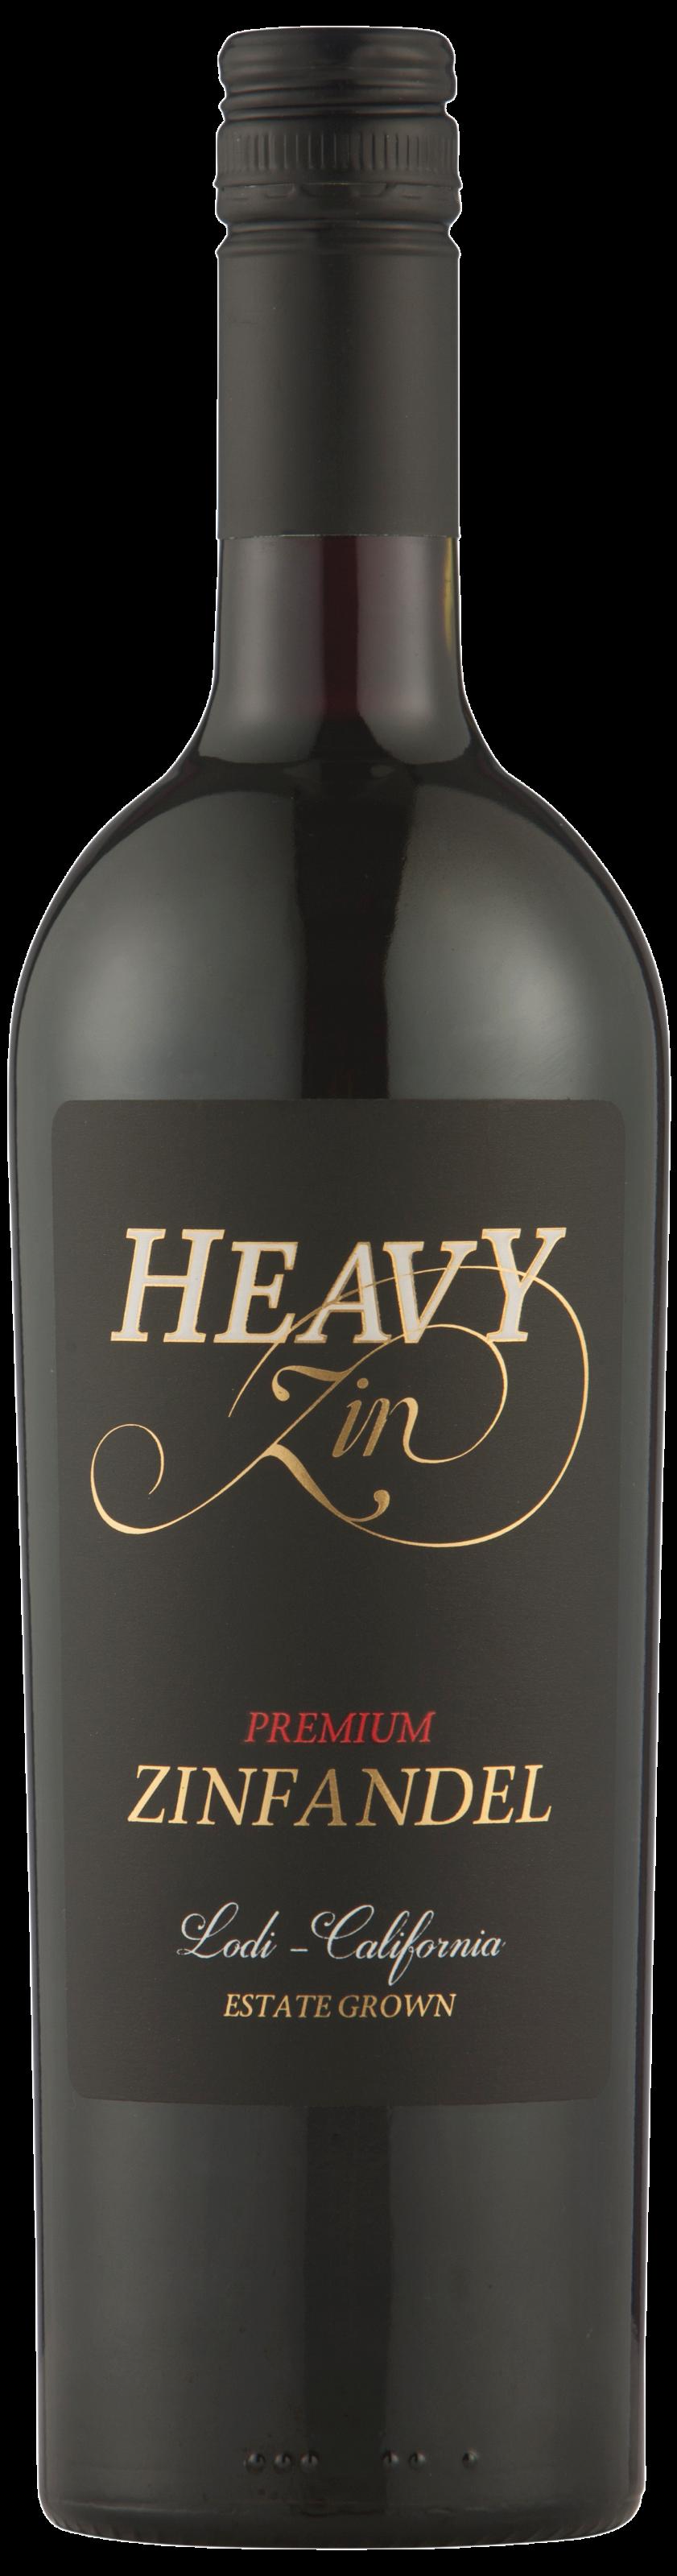 Heavy Zin Premium Zinfandel, Lodi, Californien